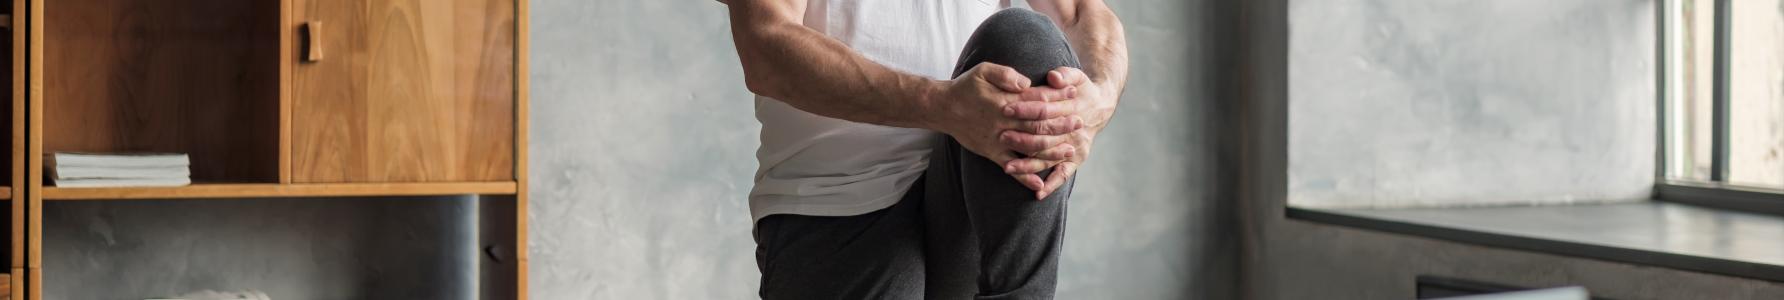 Rozgrzewka przed treningiem - starszy mężczyzna wykonujący w domu ćwiczenia na rozgrzewkę.